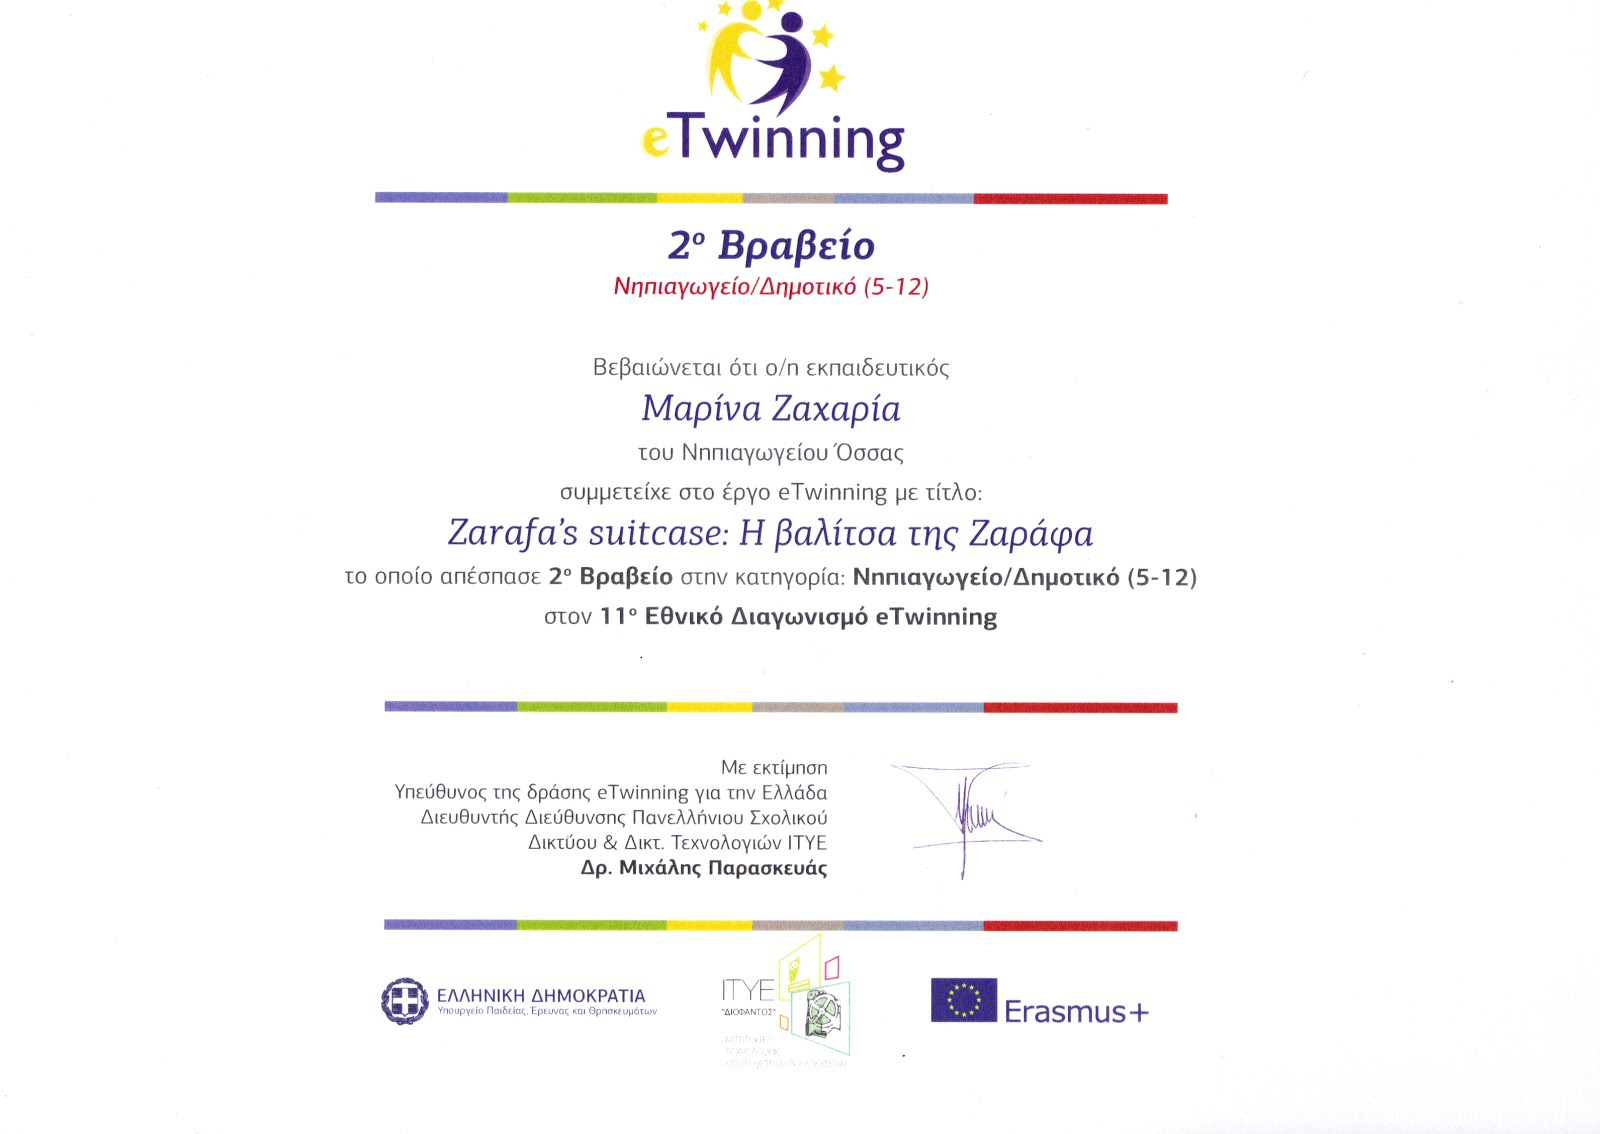 2ο Βραβείο στον 11ο Εθνικό Διαγωνισμό eTwinning